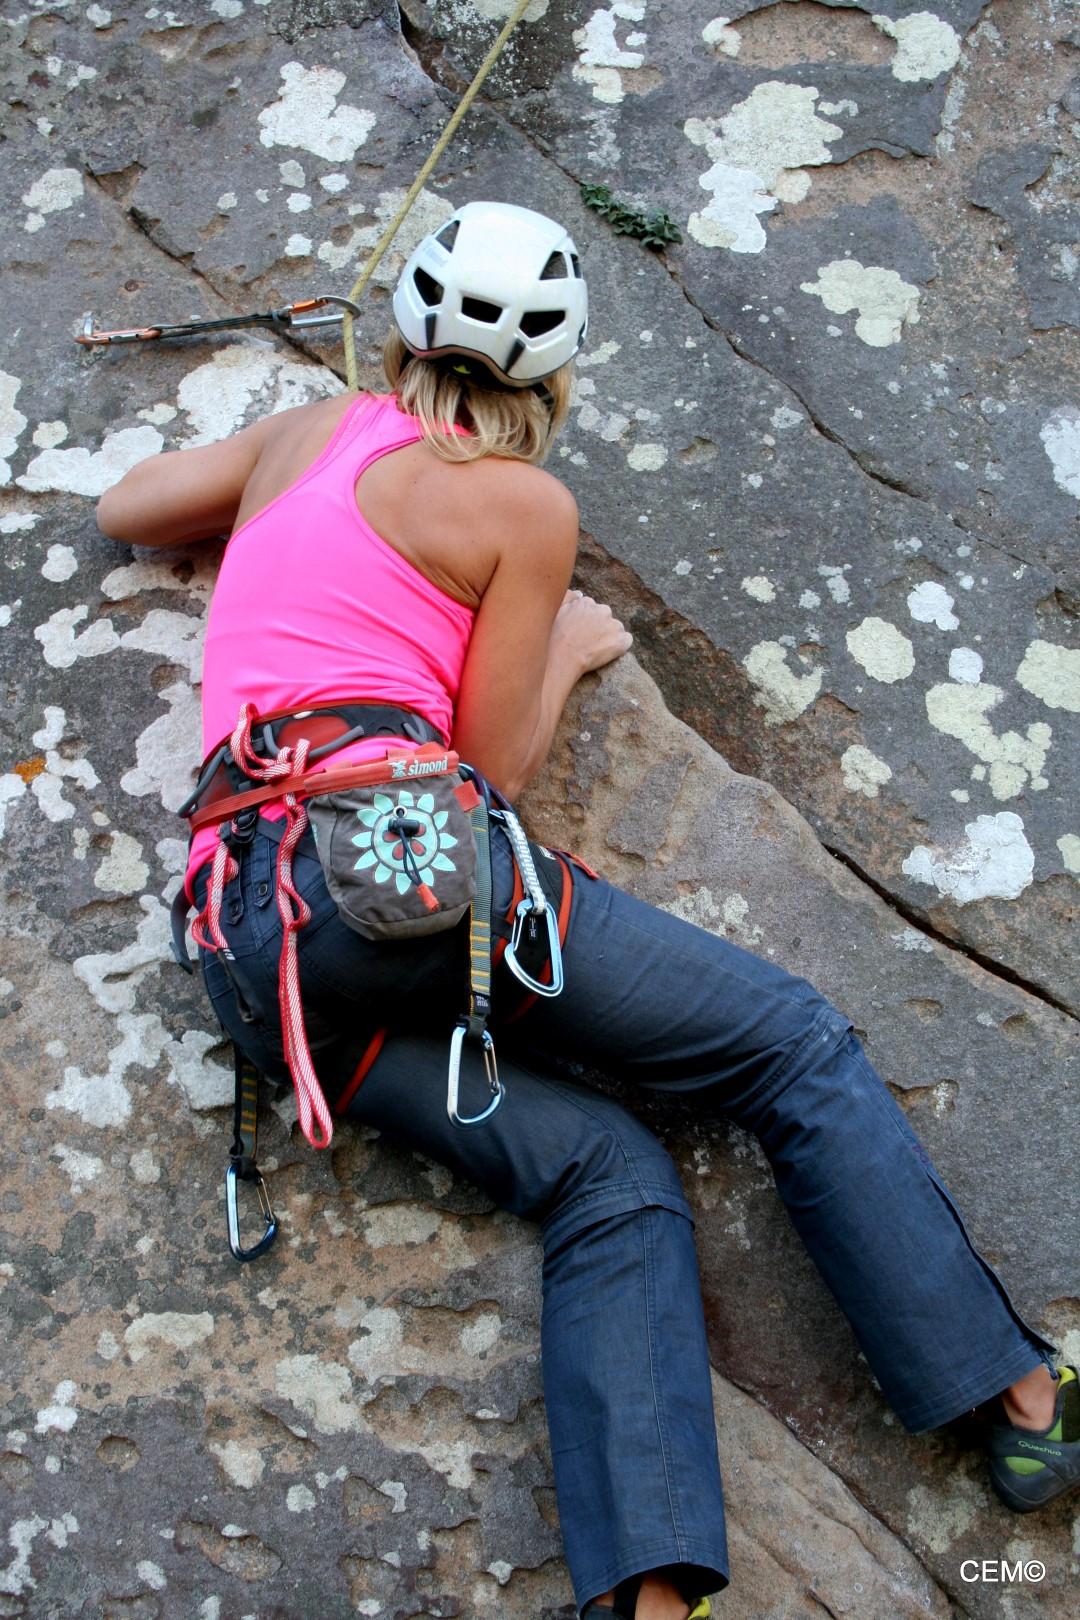 actividad-cem-escalada-deportiva-san-bartolo-tarifa-2016-10